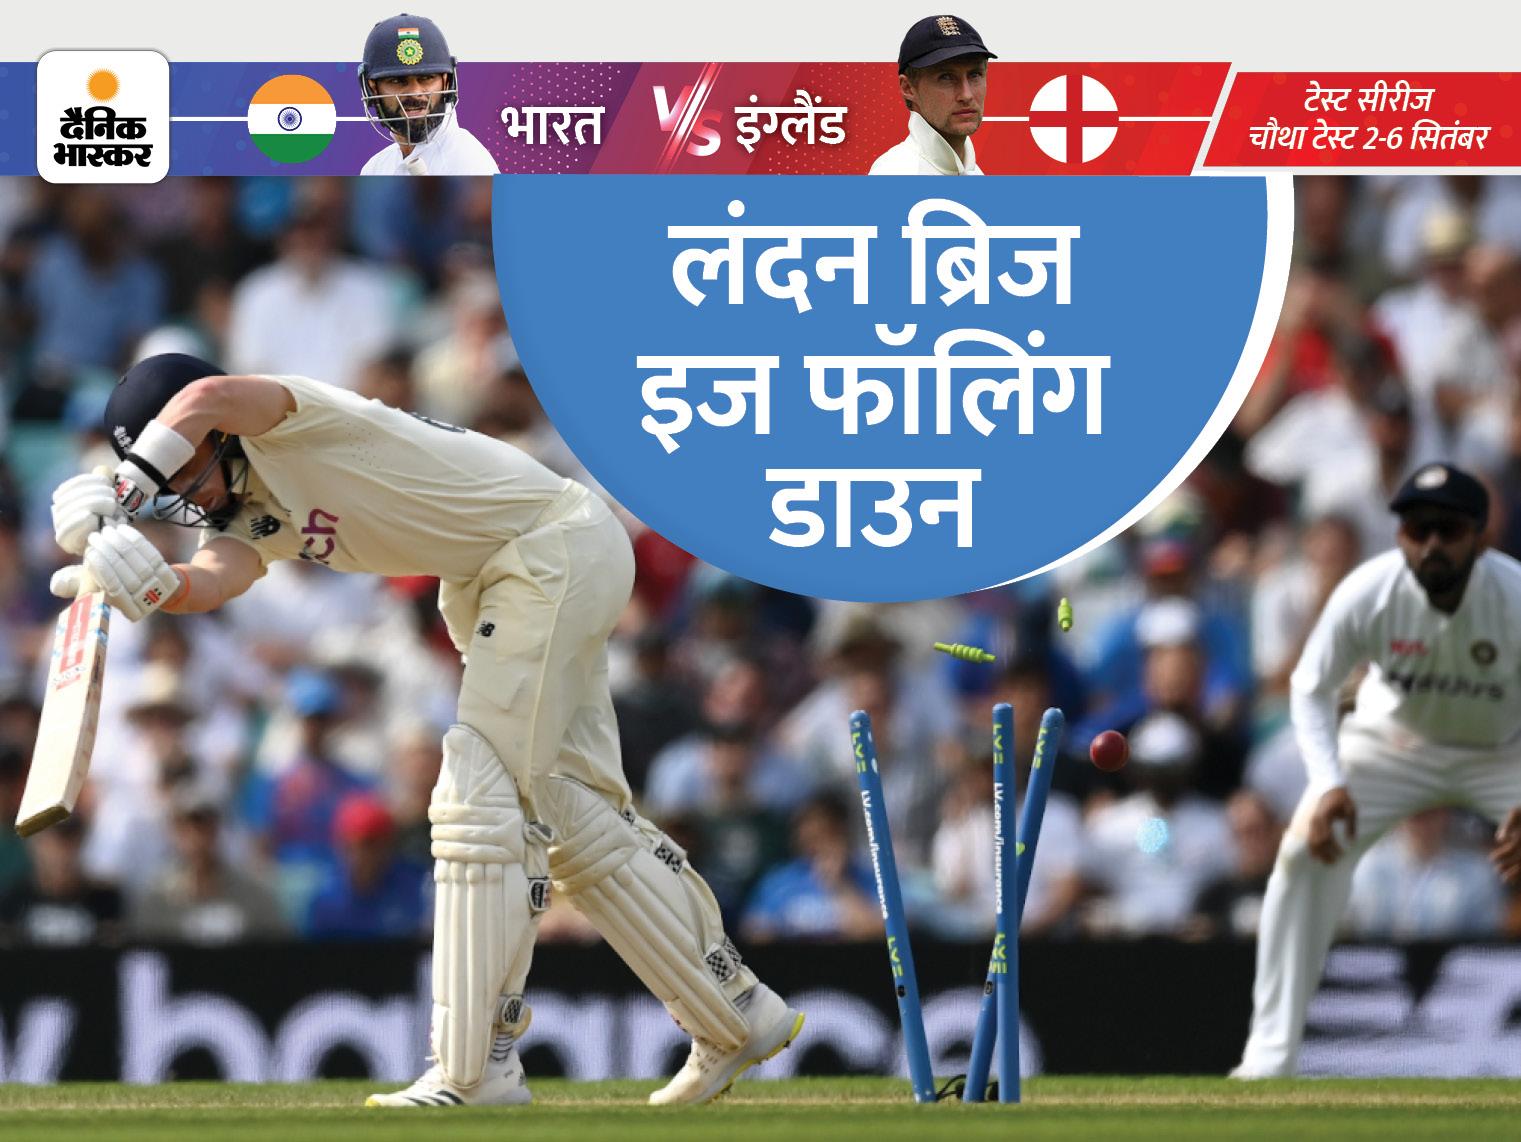 शार्दूल ठाकुर ने दिलाई भारत को सातवीं सफलता, जो रूट 36 रन बनाकर आउट, टीम इंडिया जीत से 3 विकेट दूर|क्रिकेट,Cricket - Dainik Bhaskar